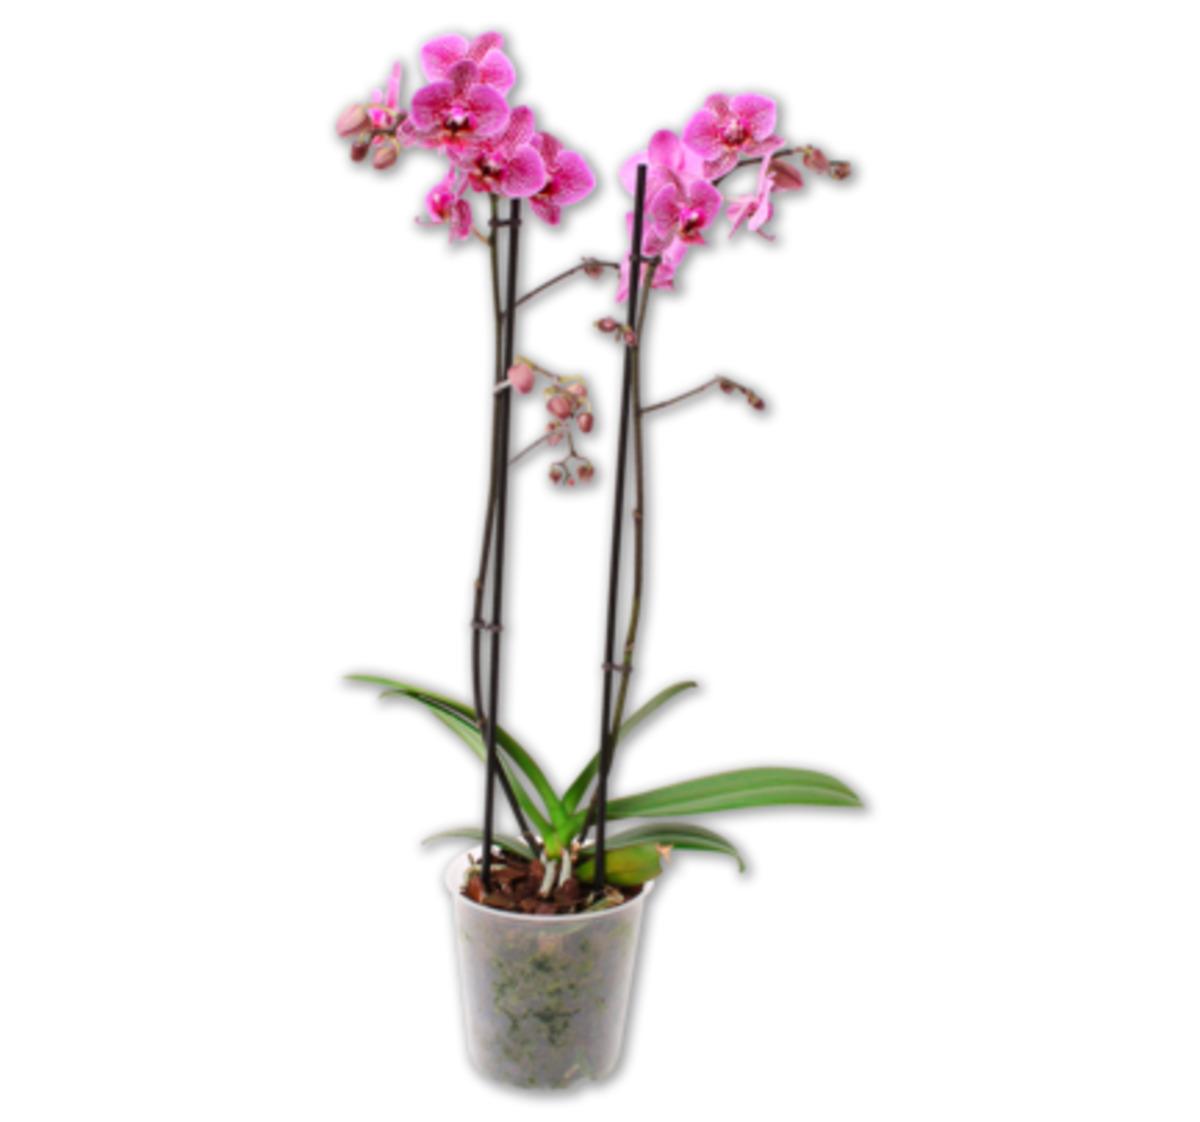 Bild 2 von Schmetterlingsorchidee